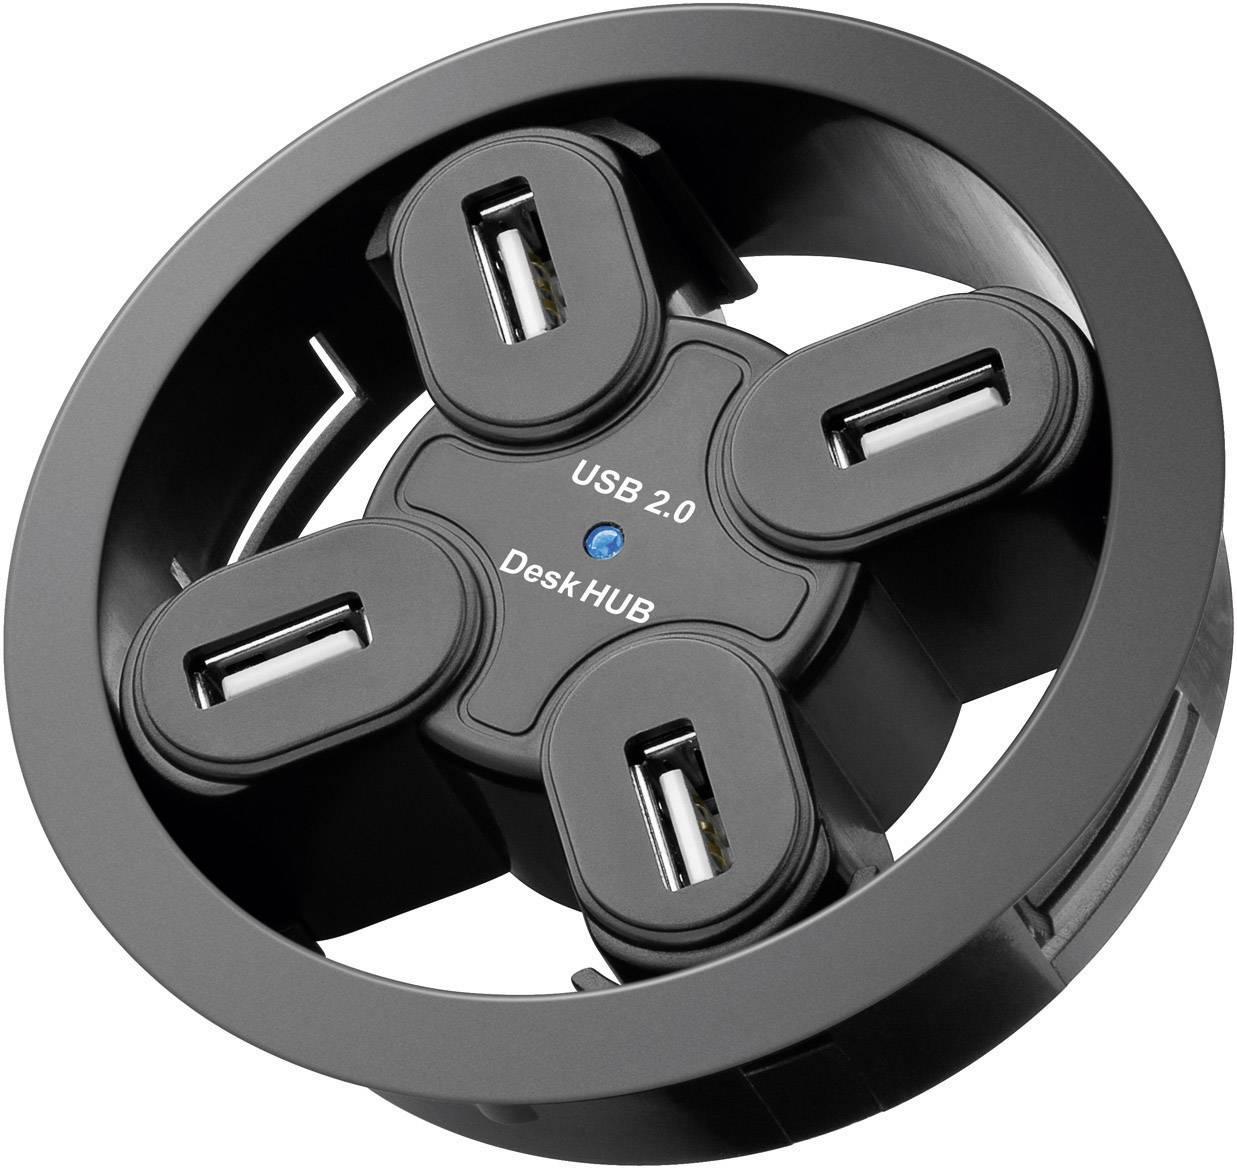 USB 2.0 hub Goobay 93895 Inbyggnad 60mm, s 4 portmi, čierna